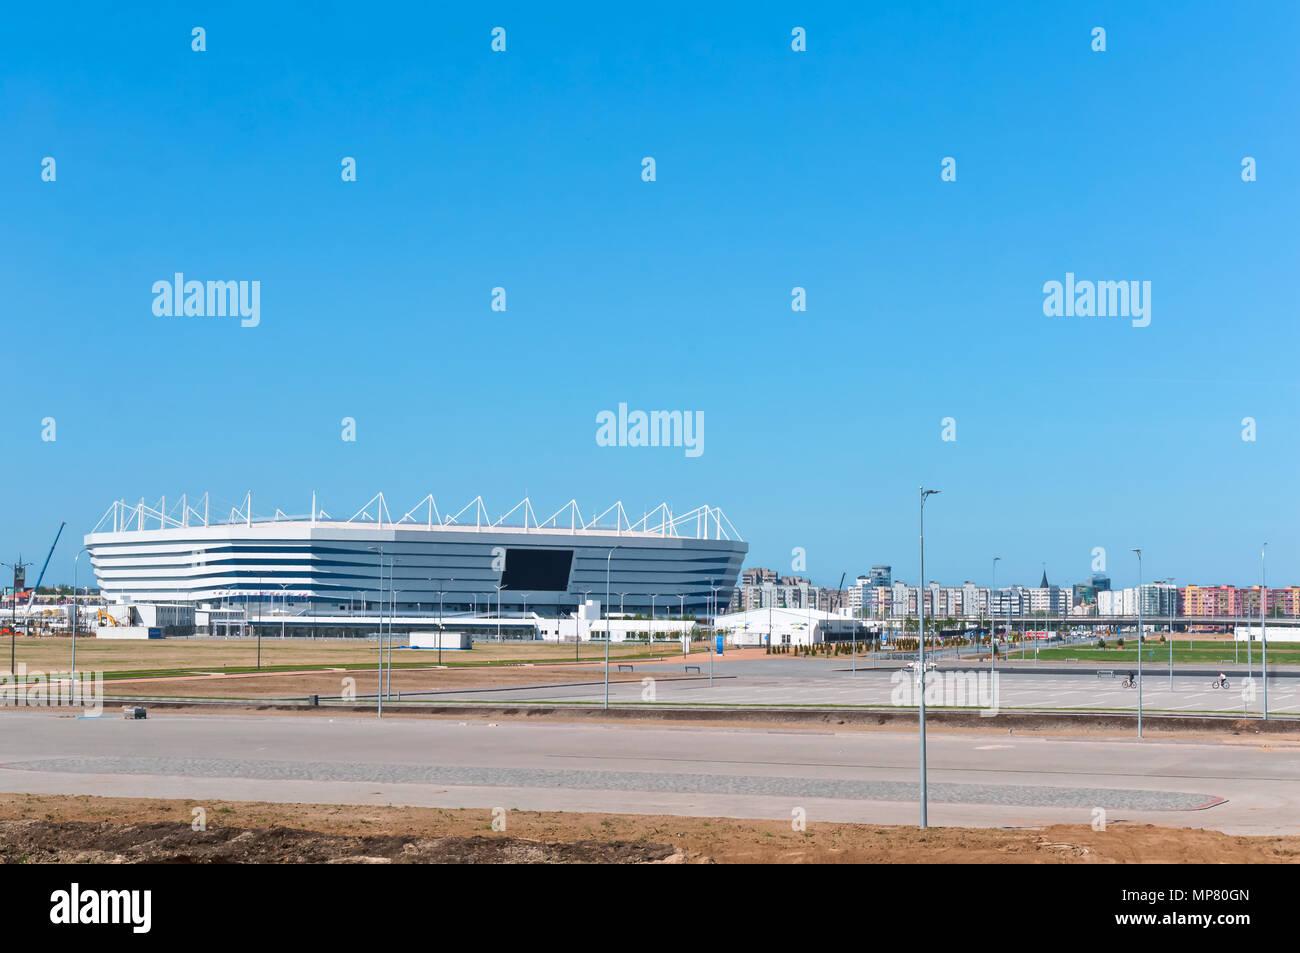 Complesso sportivo, impianto sportivo, lo stadio di calcio in primavera, della Russia, Kaliningrad, maggio 2018, Coppa del mondo Immagini Stock